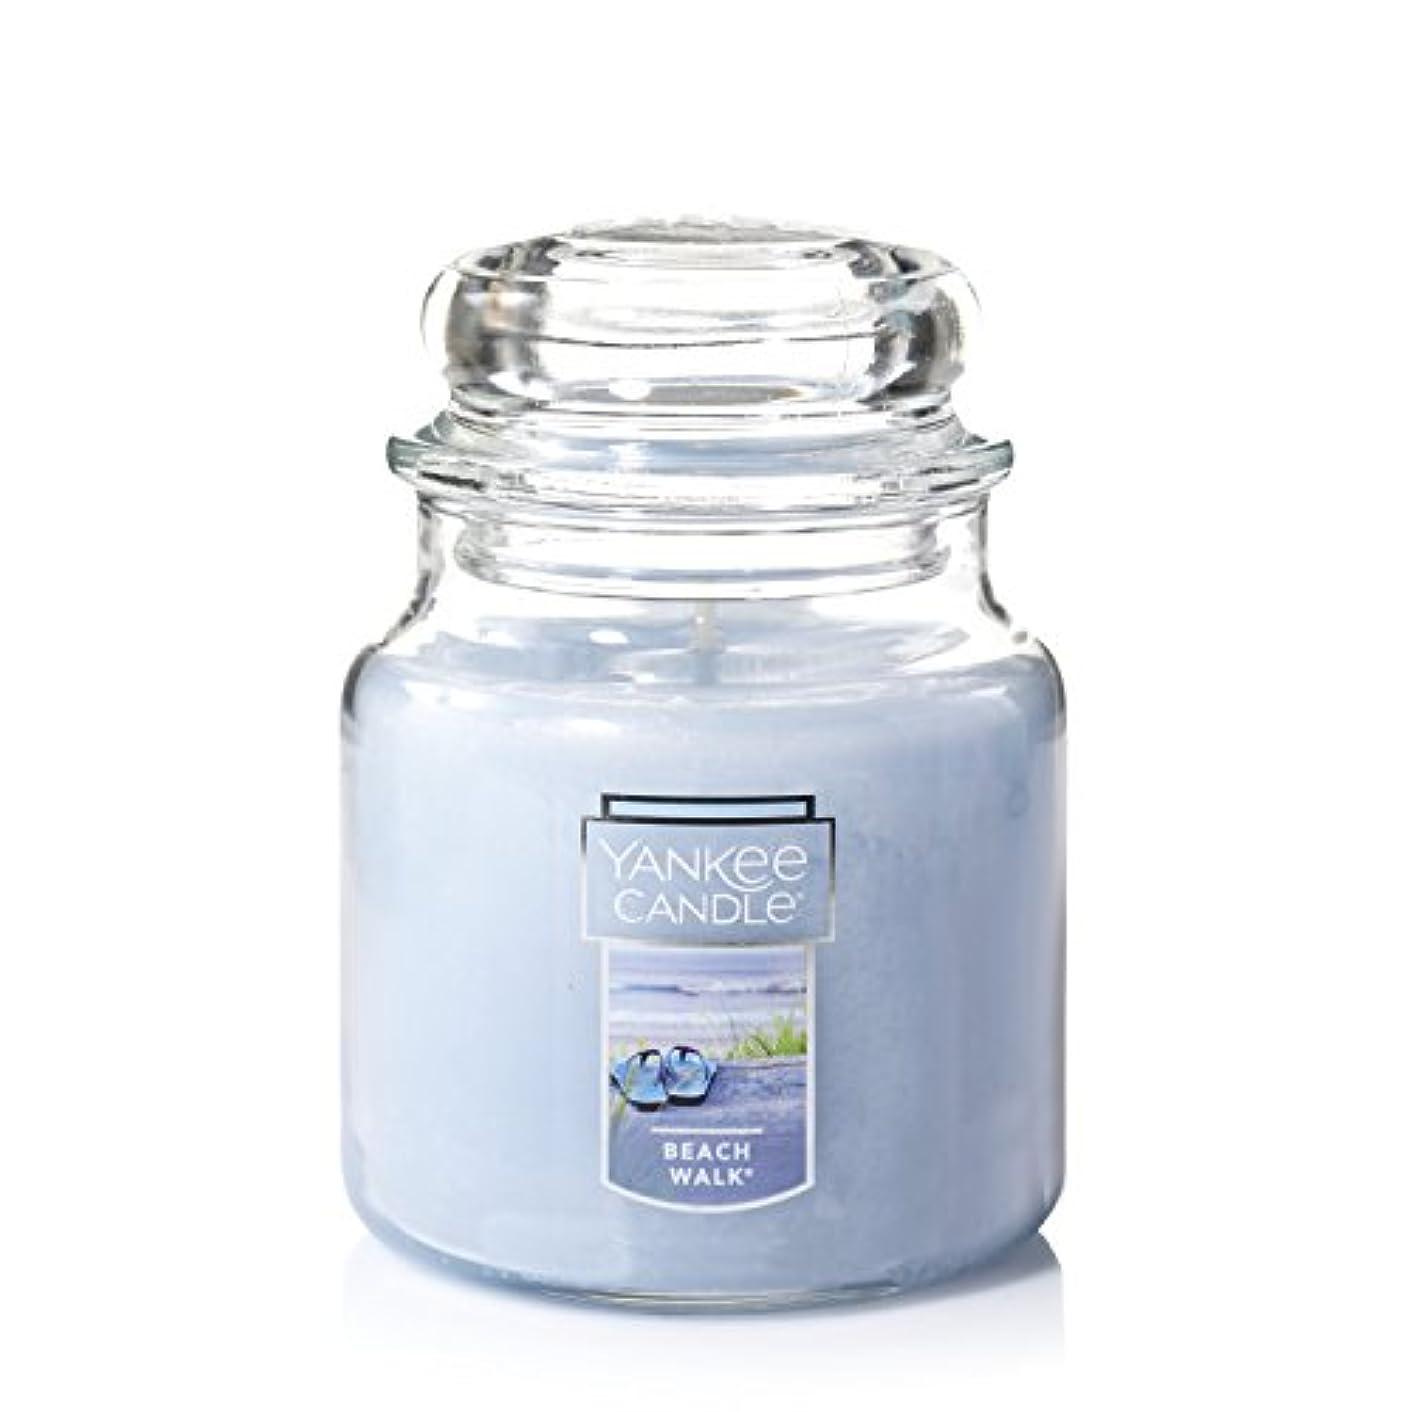 素晴らしい良い多くの磁気構造的(ヤンキーキャンドル) Yankee Candle Lサイズ ジャーキャンドル Medium Jar Candle 1129791Z